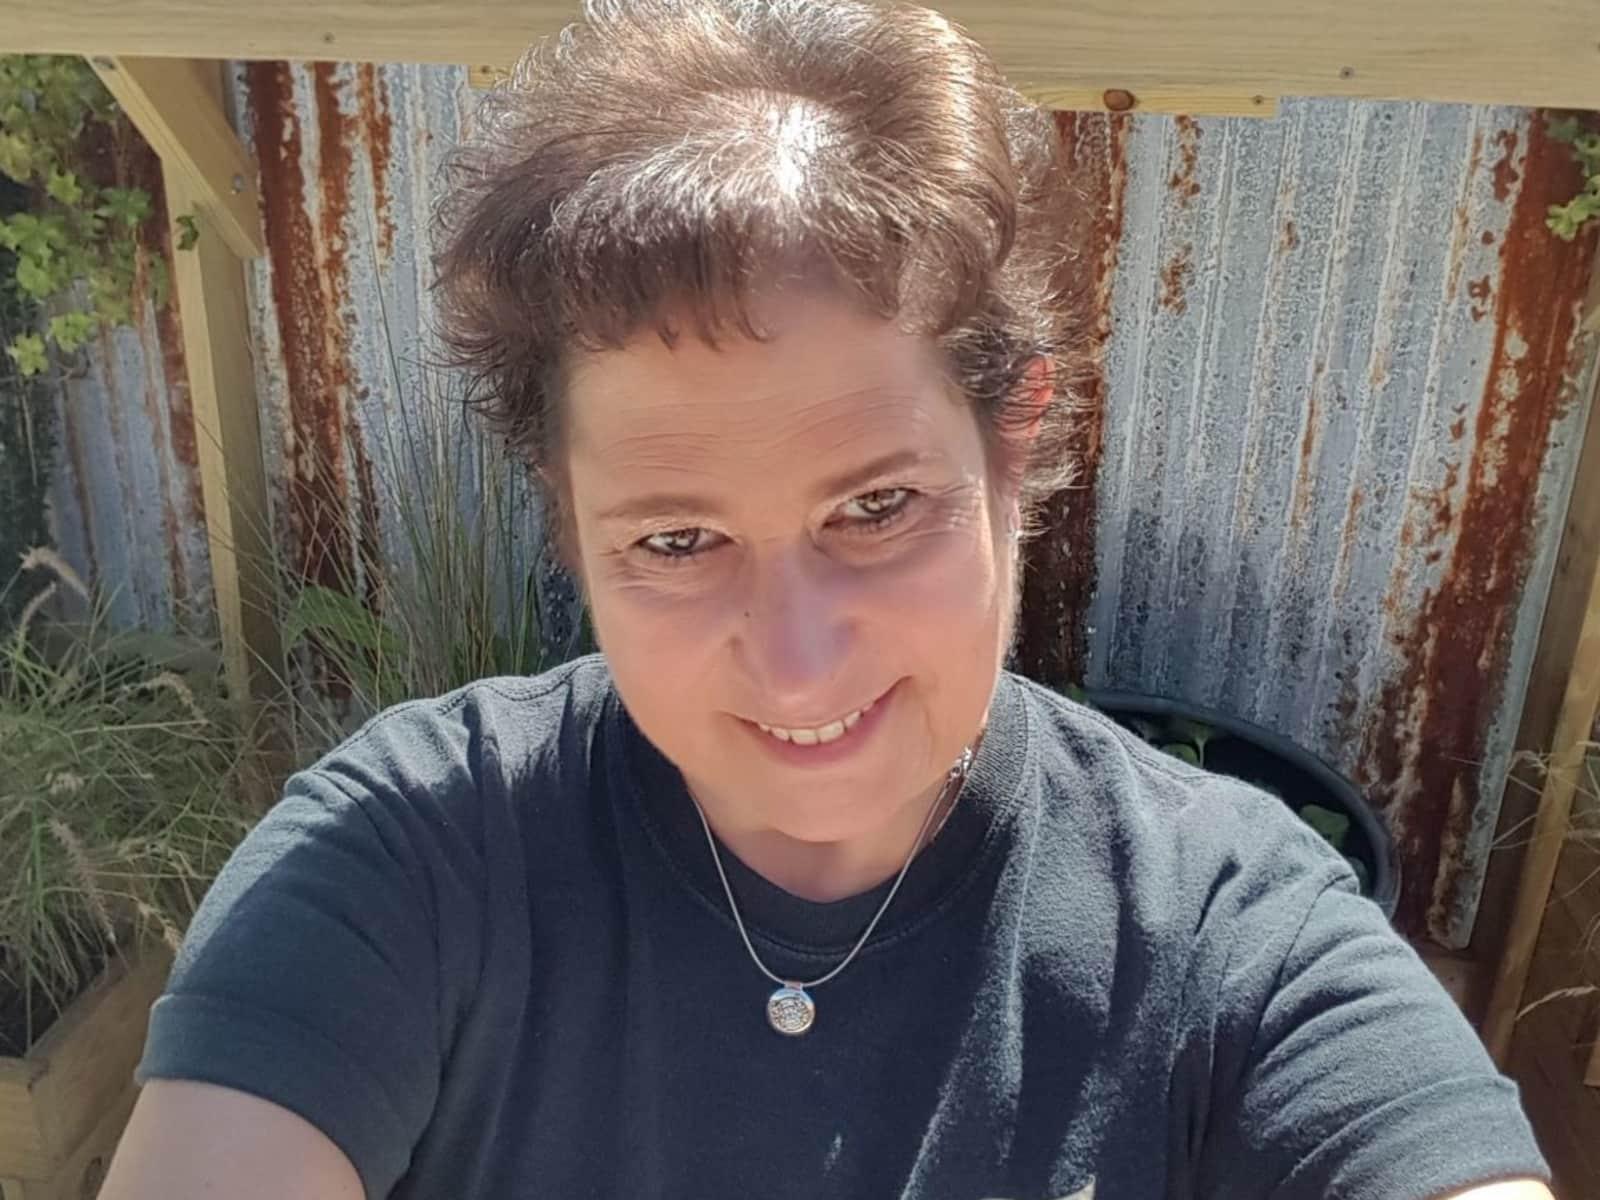 Sharon from Salisbury, Maryland, United States